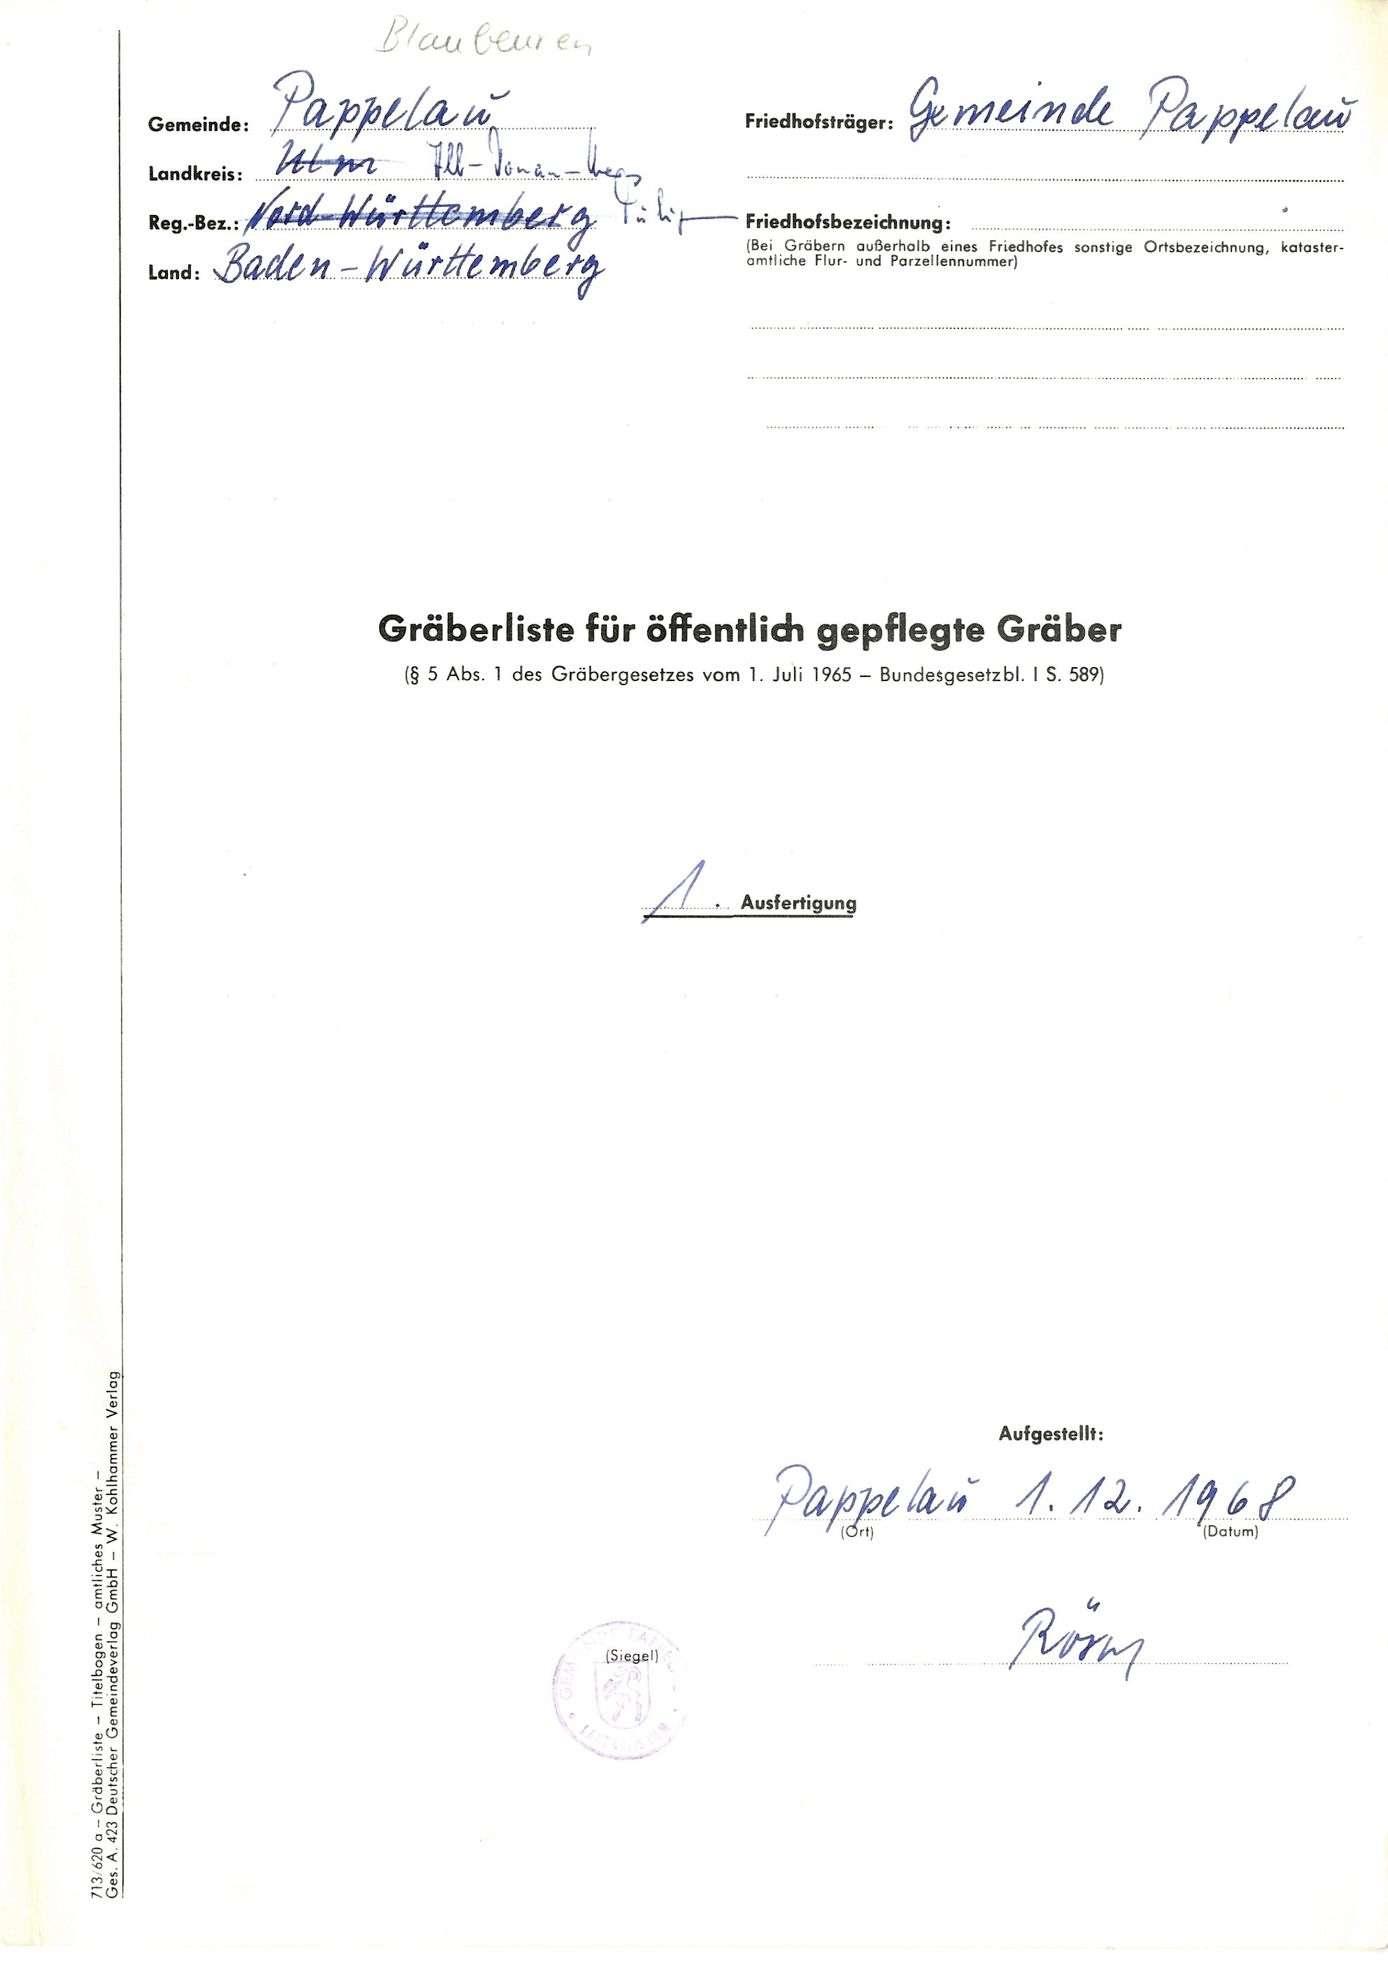 Pappelau, Bild 1